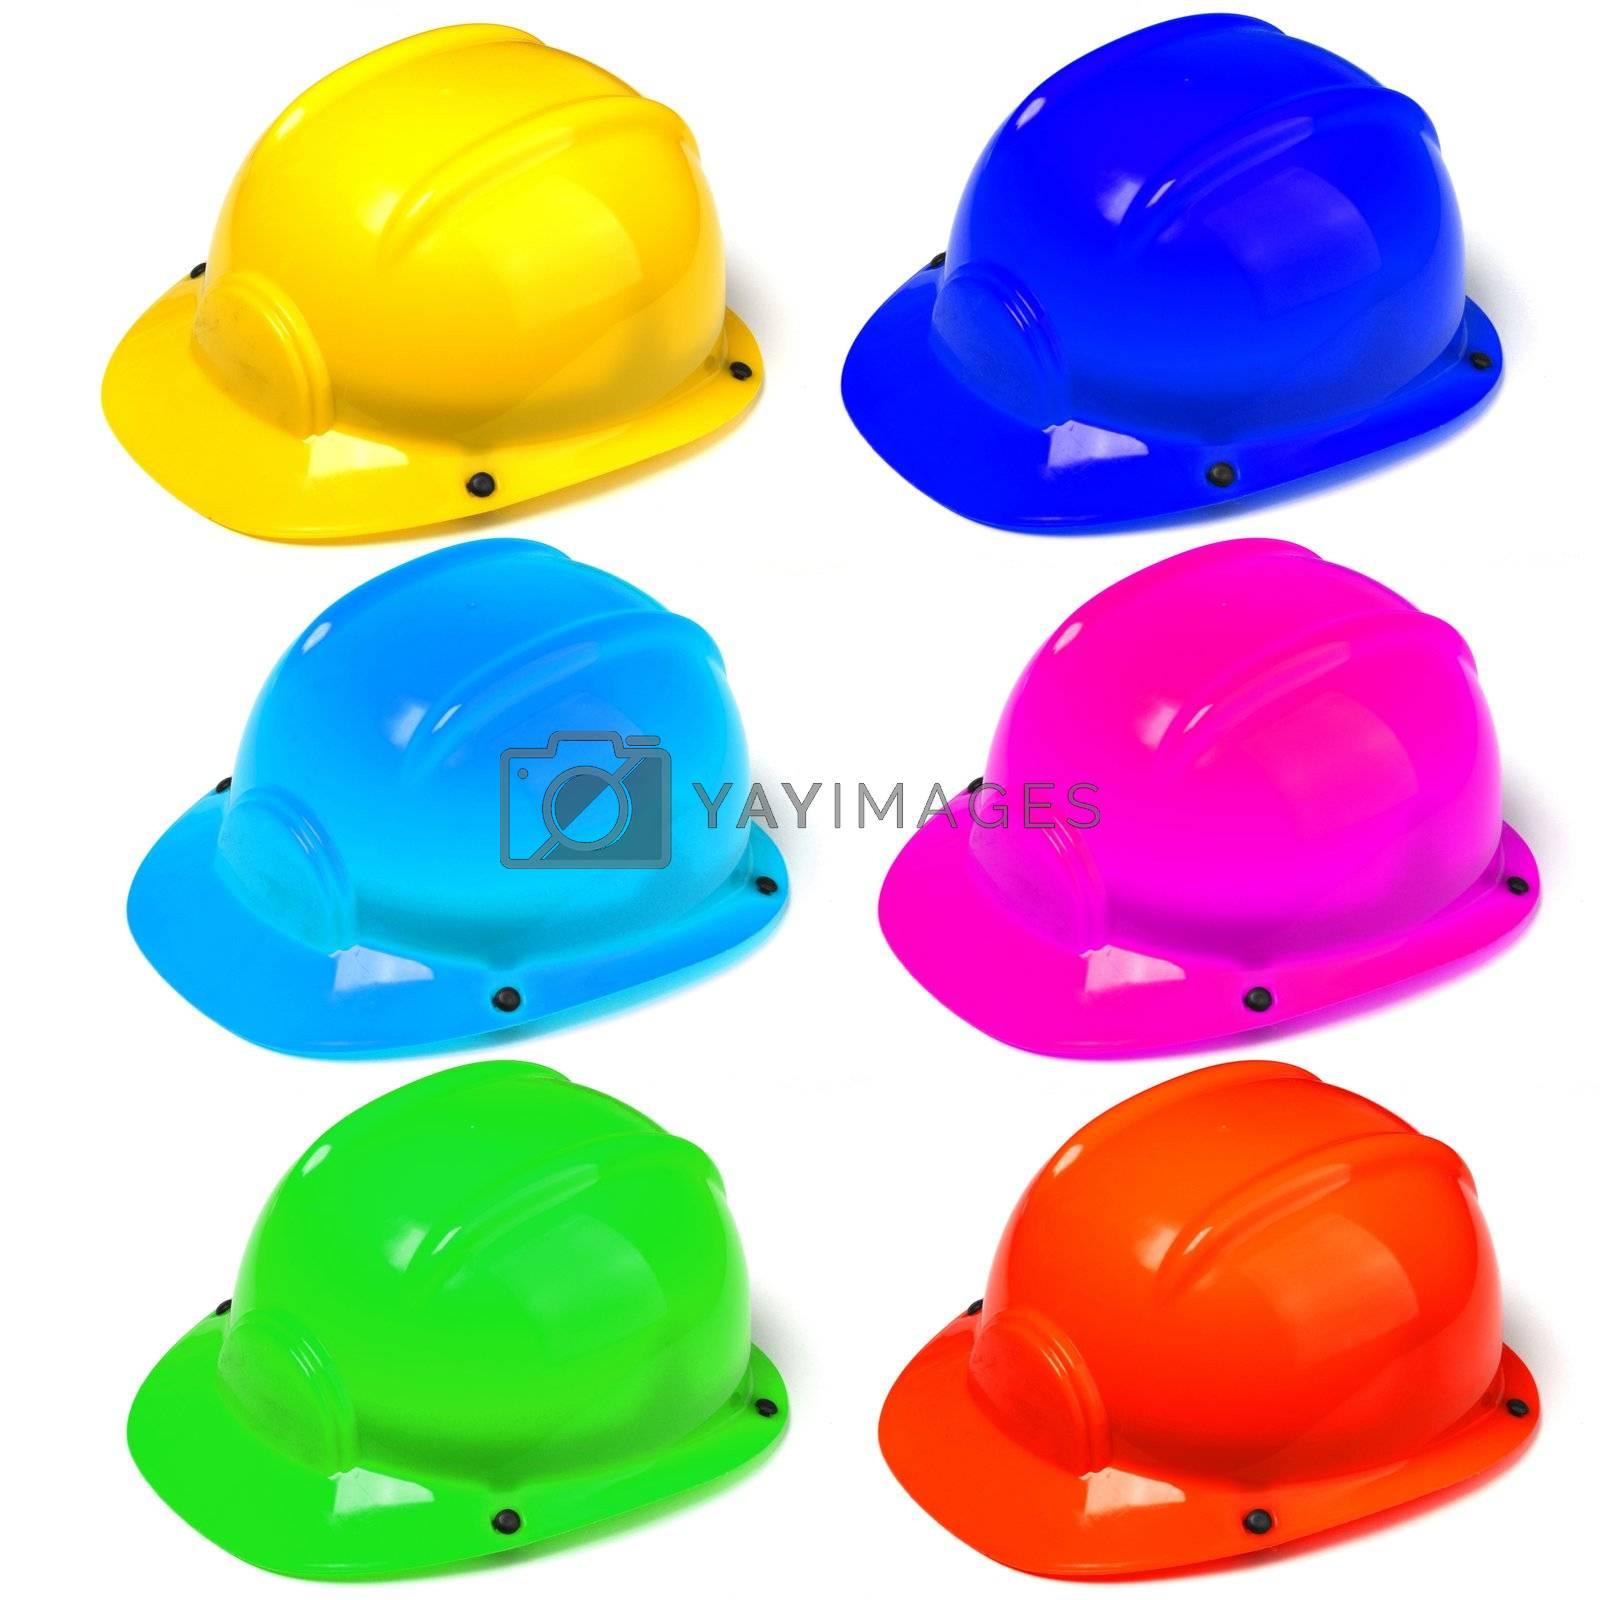 Royalty free image of helmet by gunnar3000